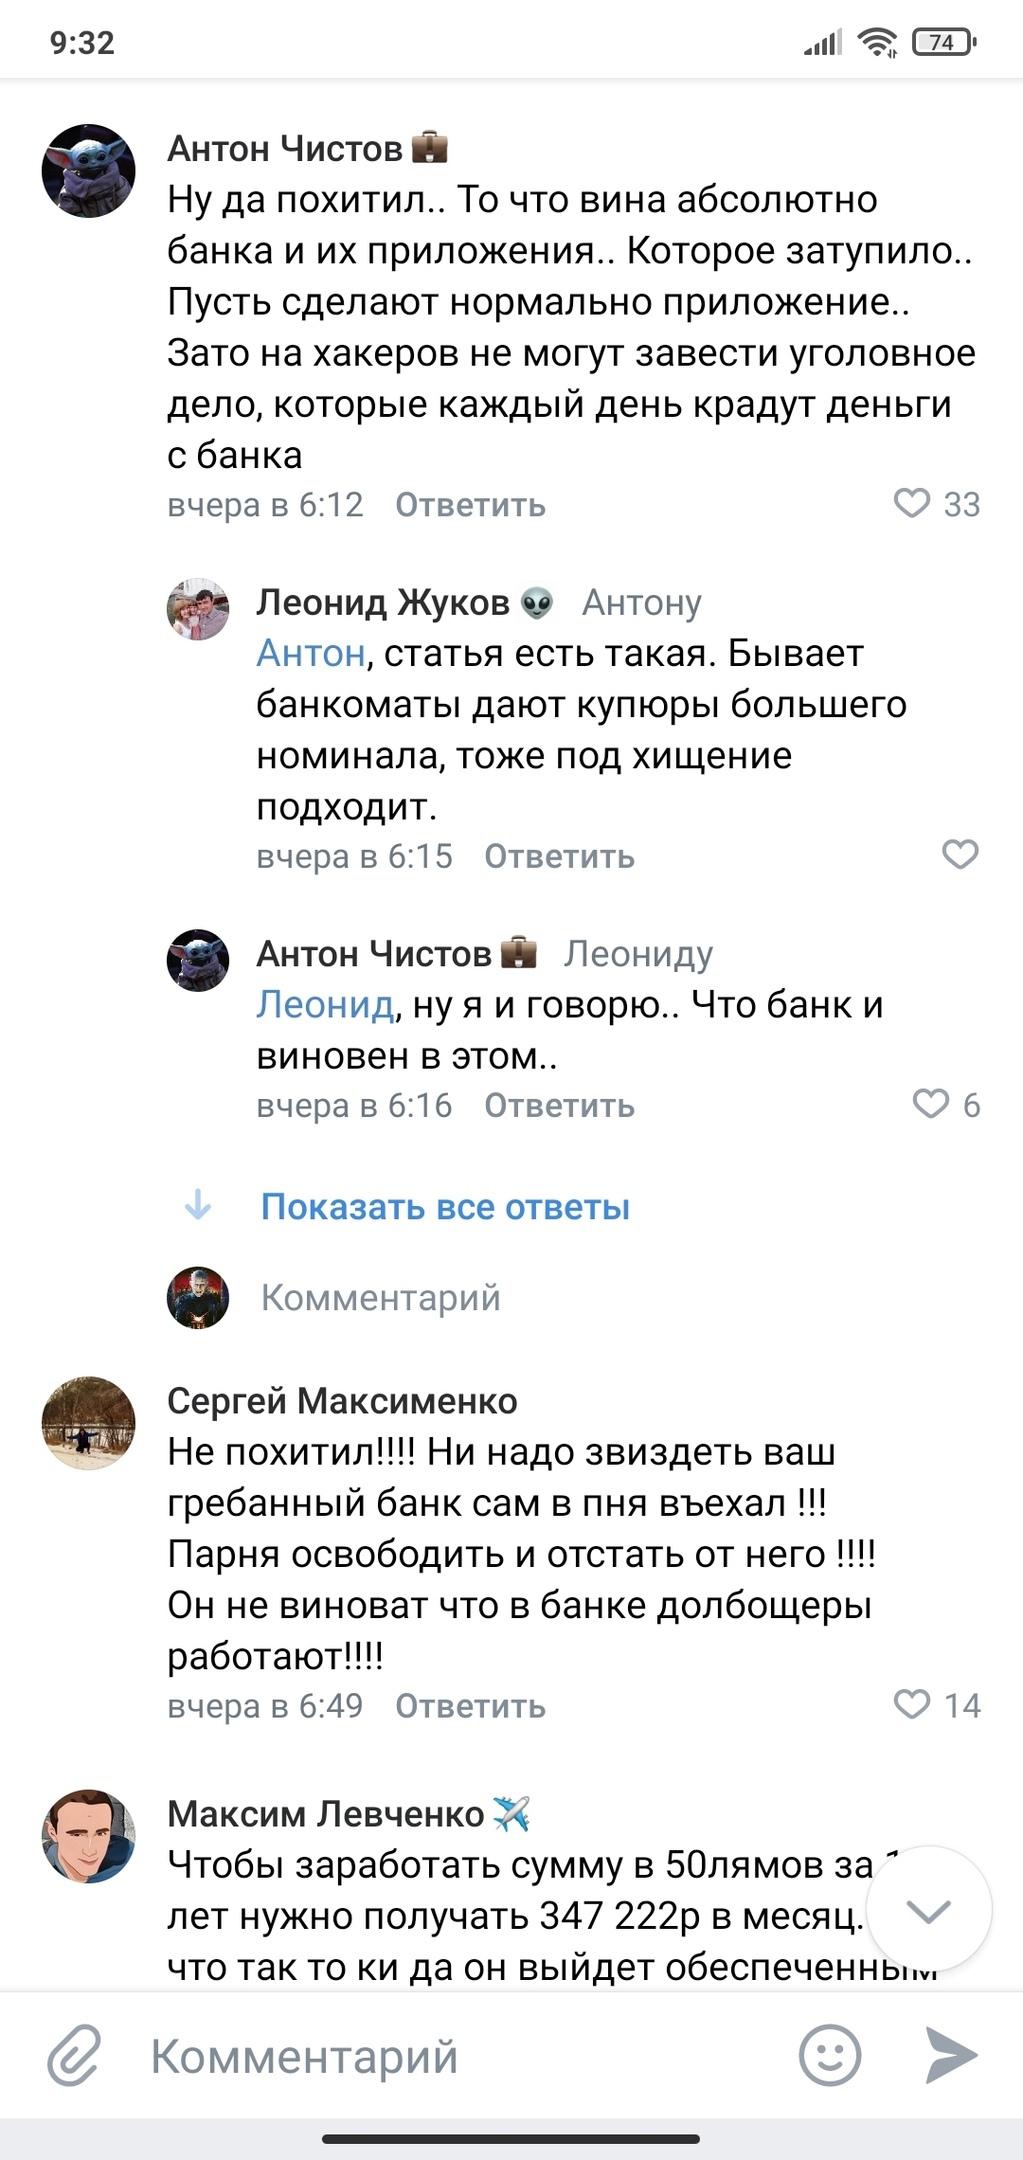 Очередные ауешники ВК